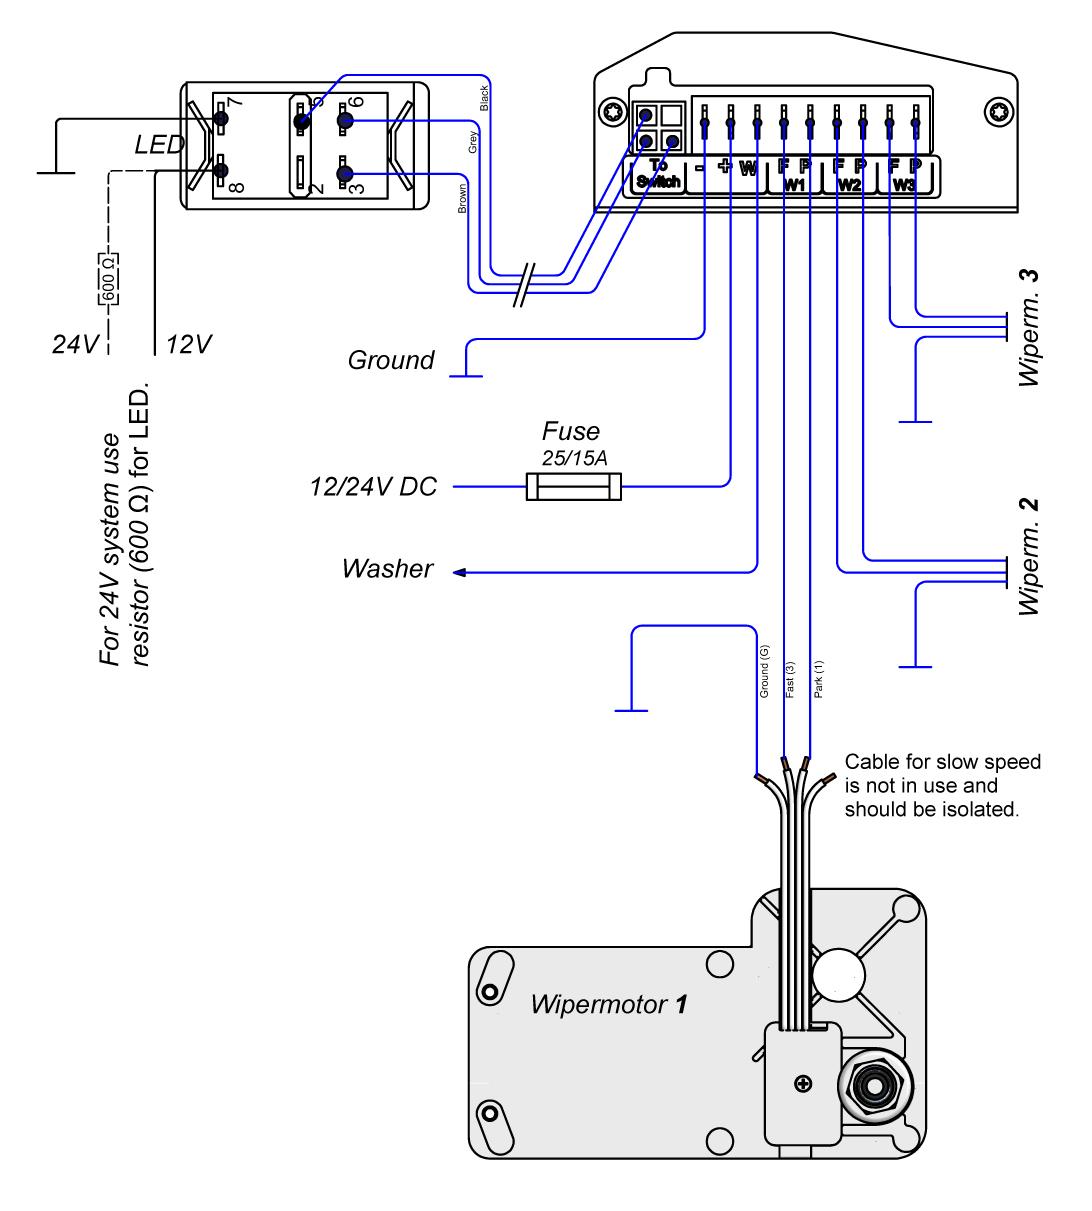 chevy windshield wiper wiring diagram - wiring diagram module-b -  module-b.emilia-fise.it  emilia-fise.it